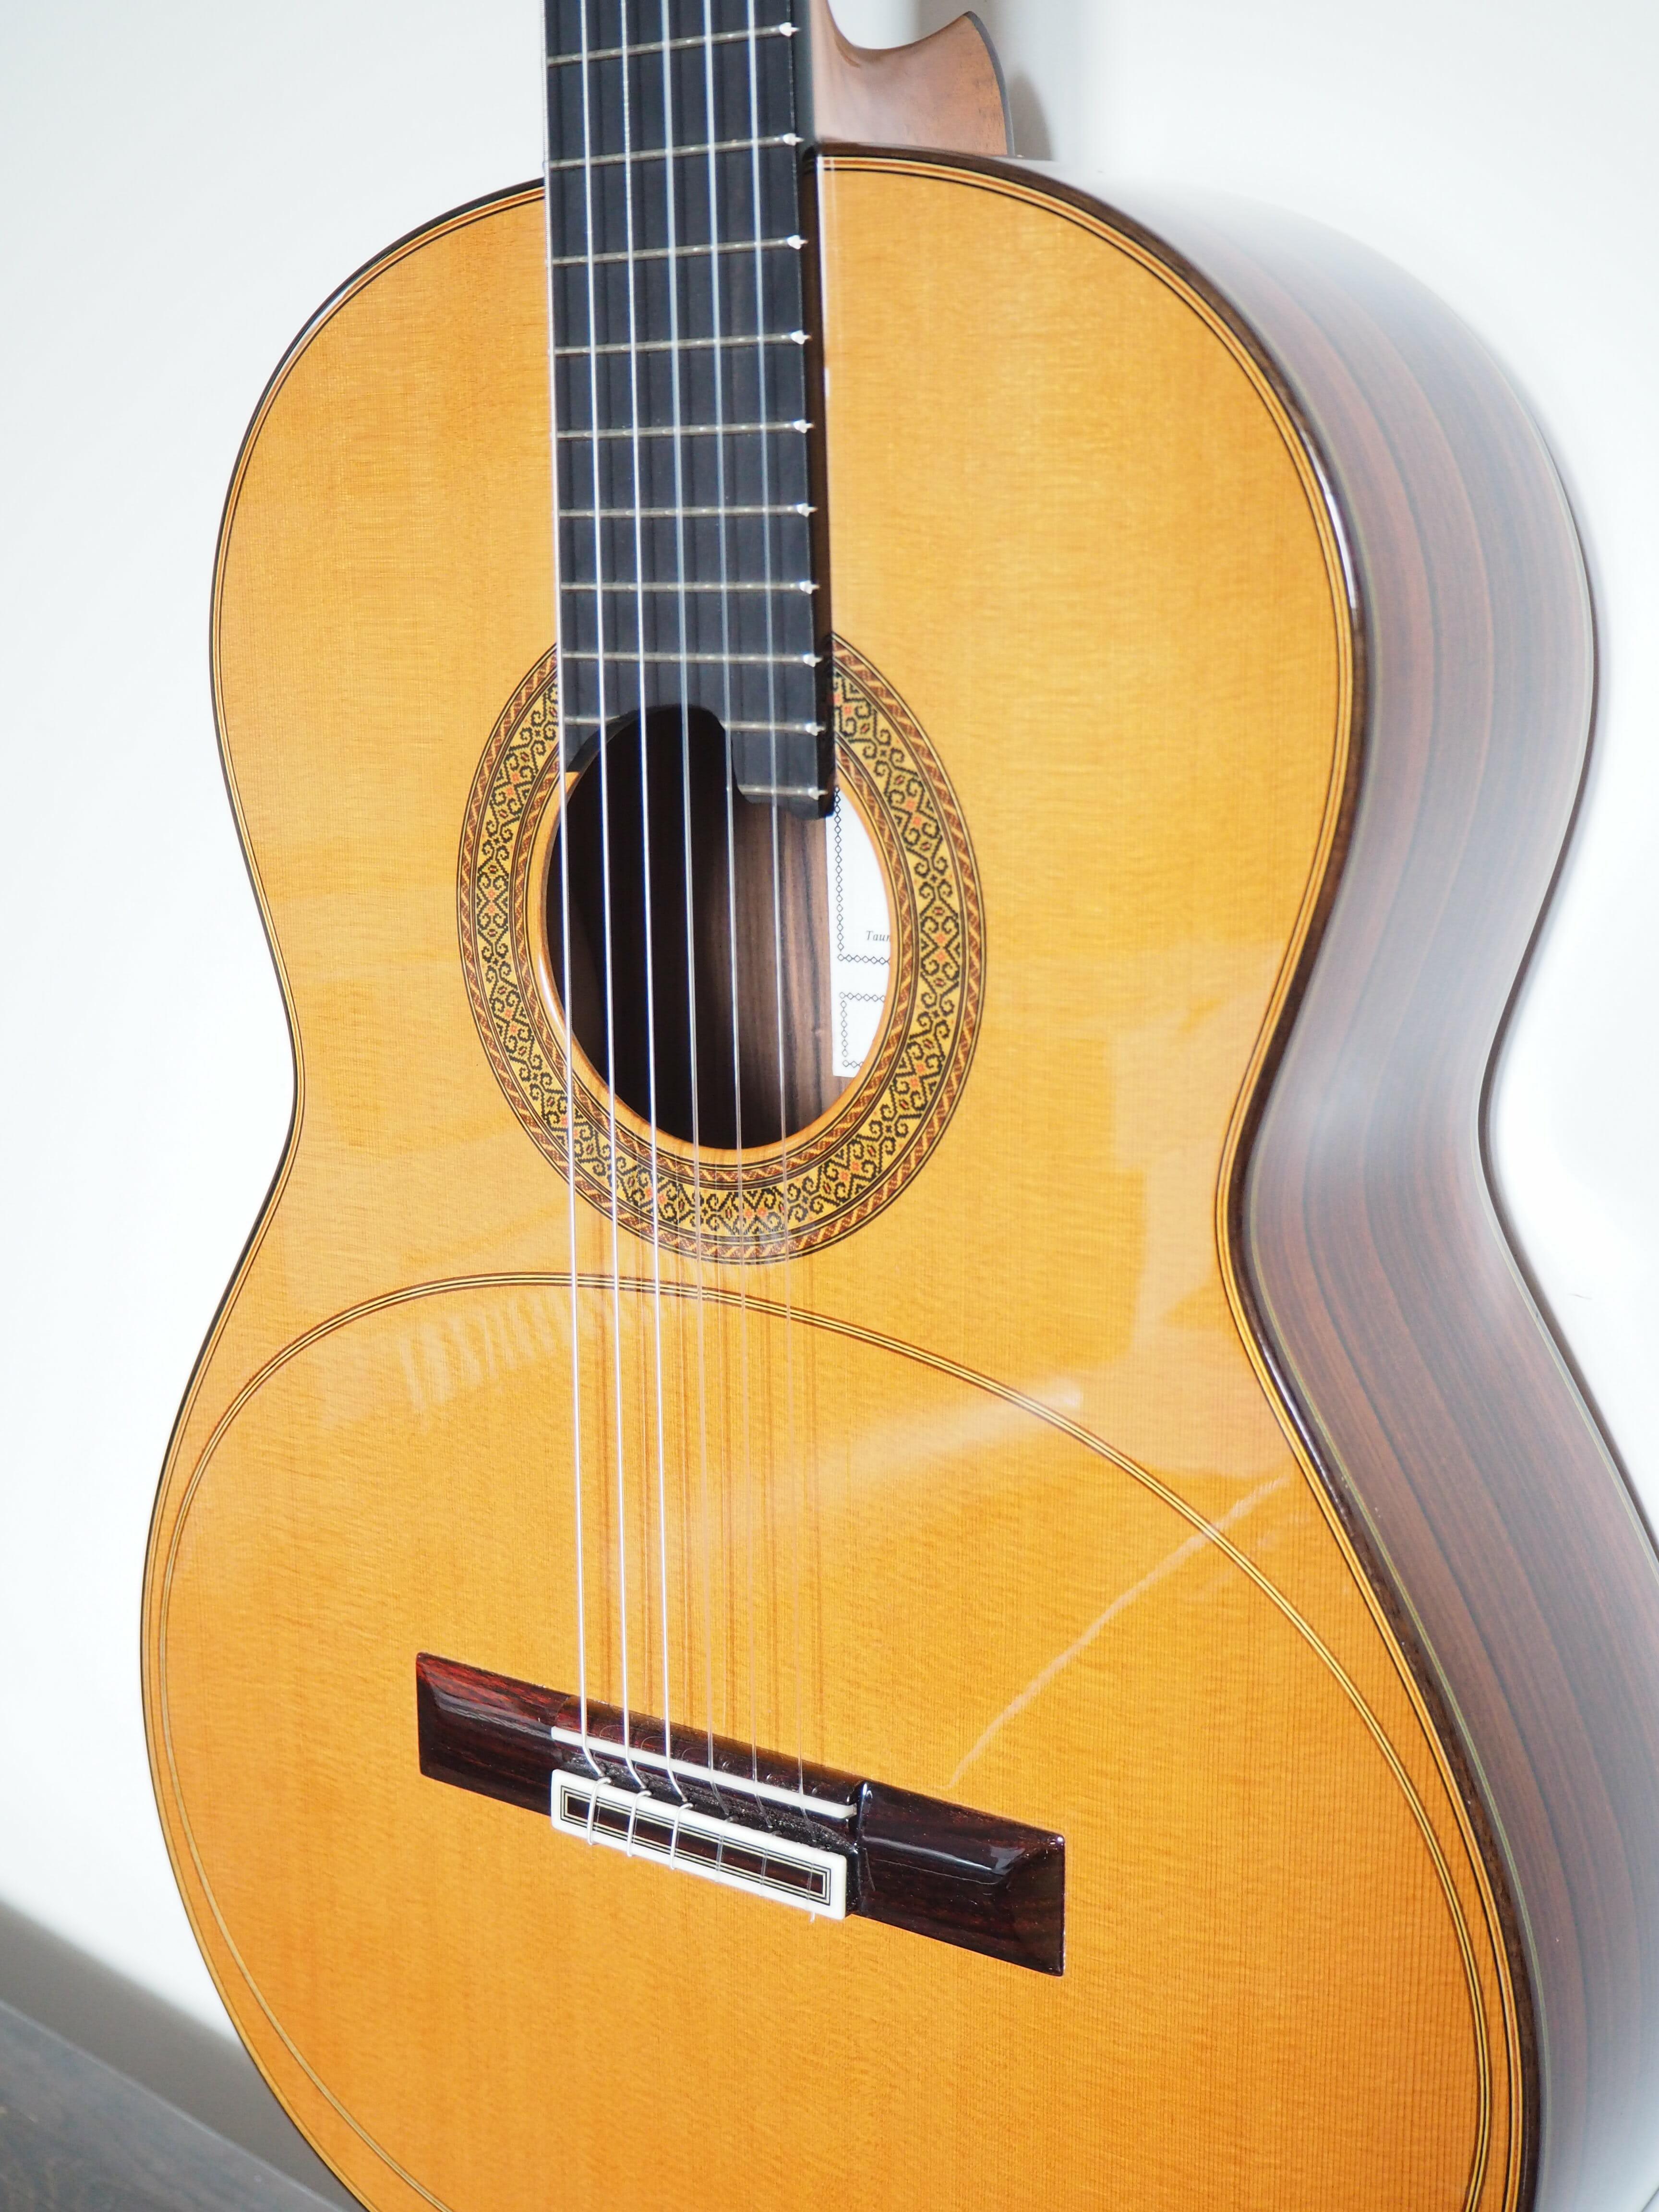 Dieter Hopf Artista membrane guitare classique lattice luthier